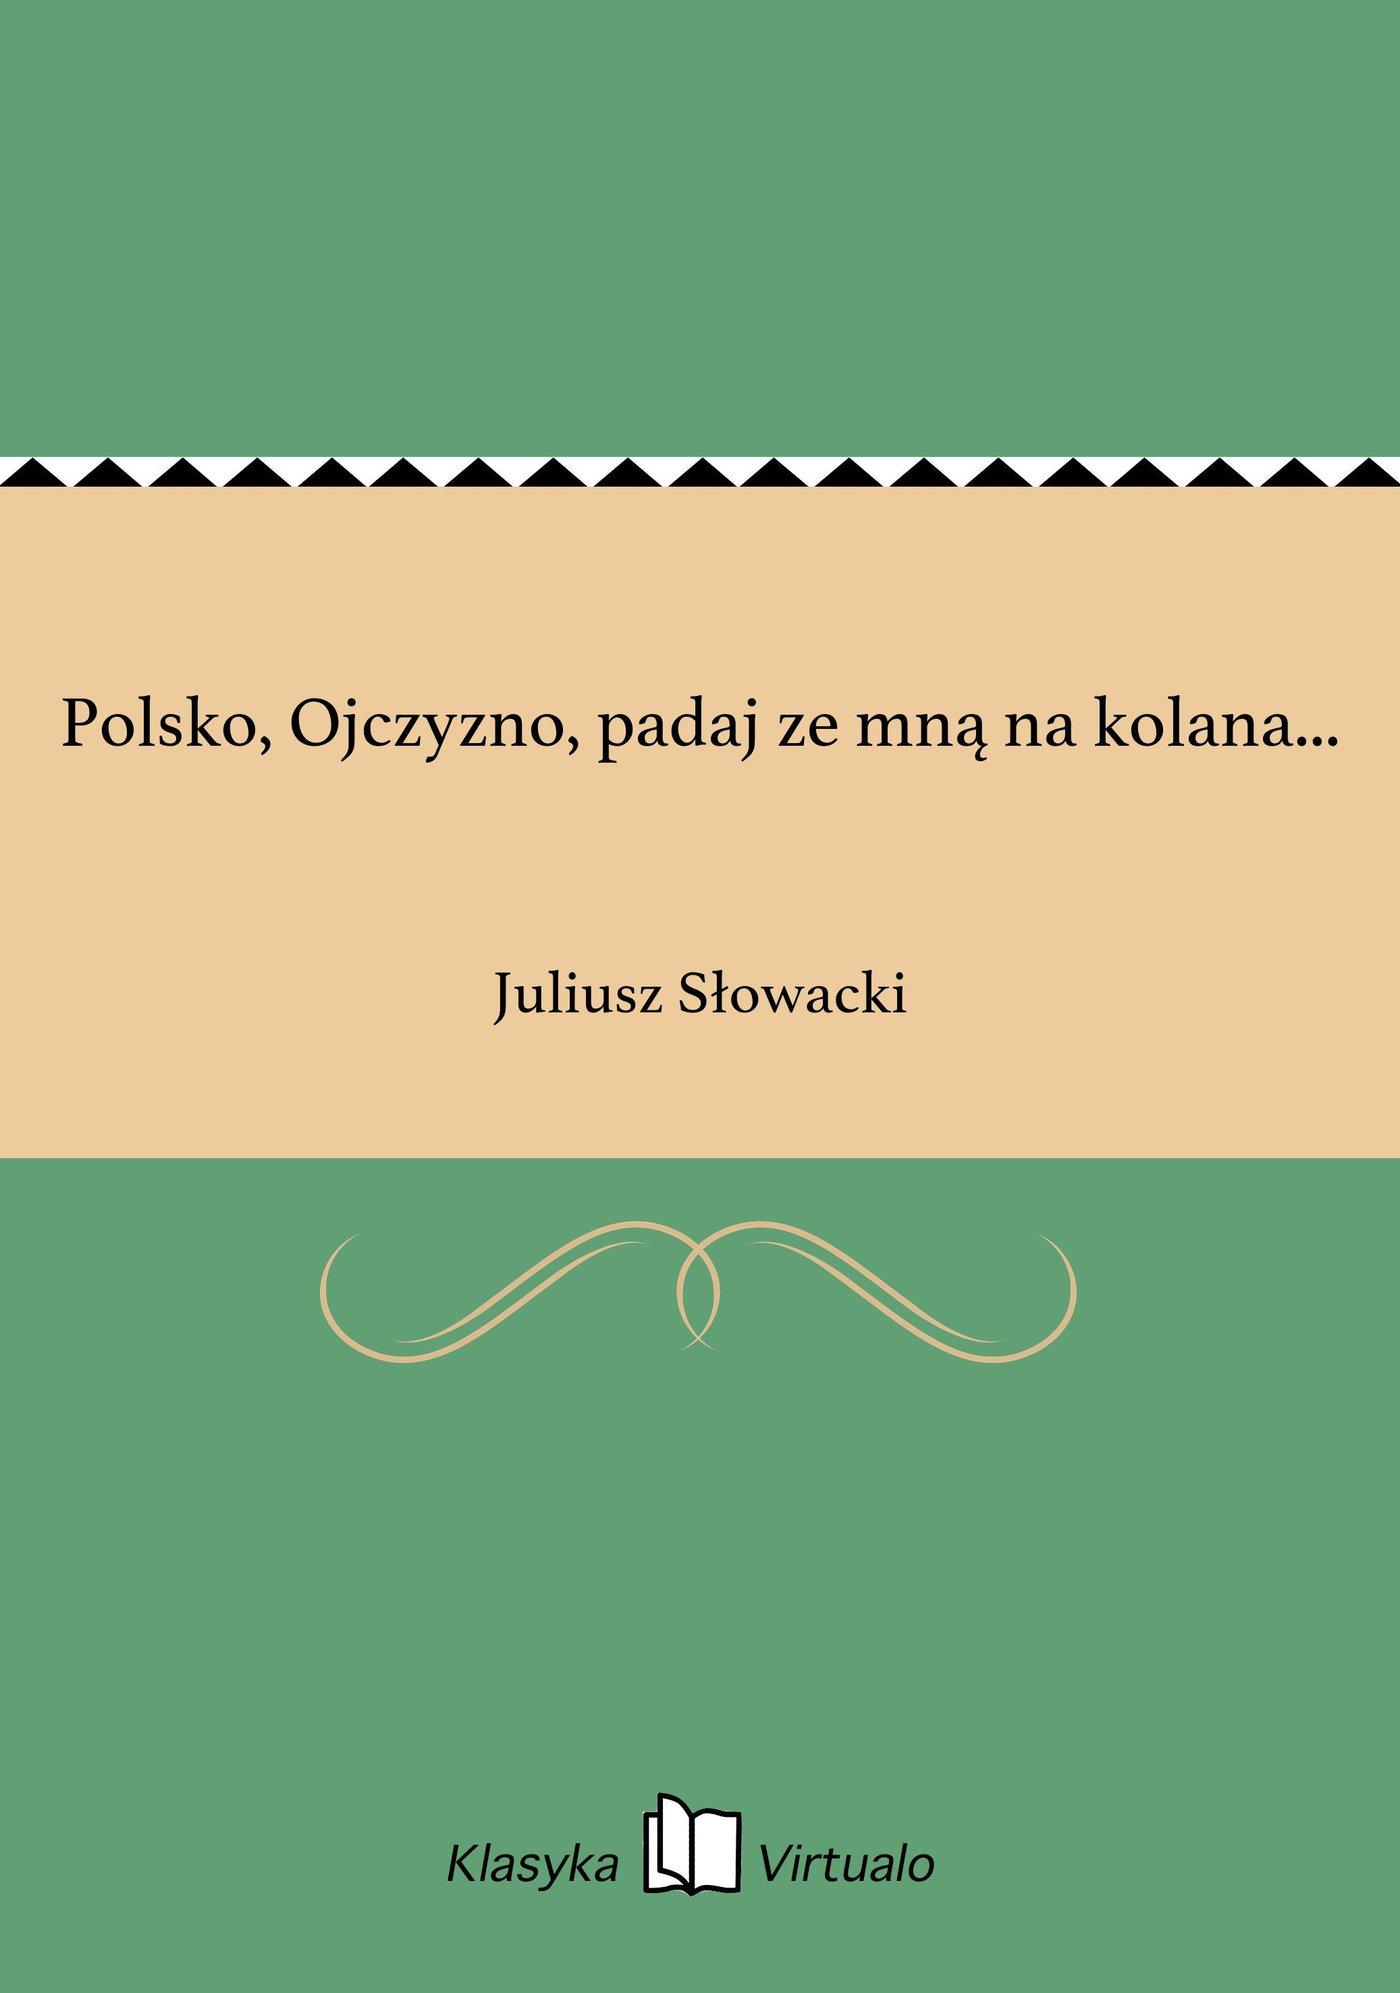 Polsko, Ojczyzno, padaj ze mną na kolana... - Ebook (Książka EPUB) do pobrania w formacie EPUB